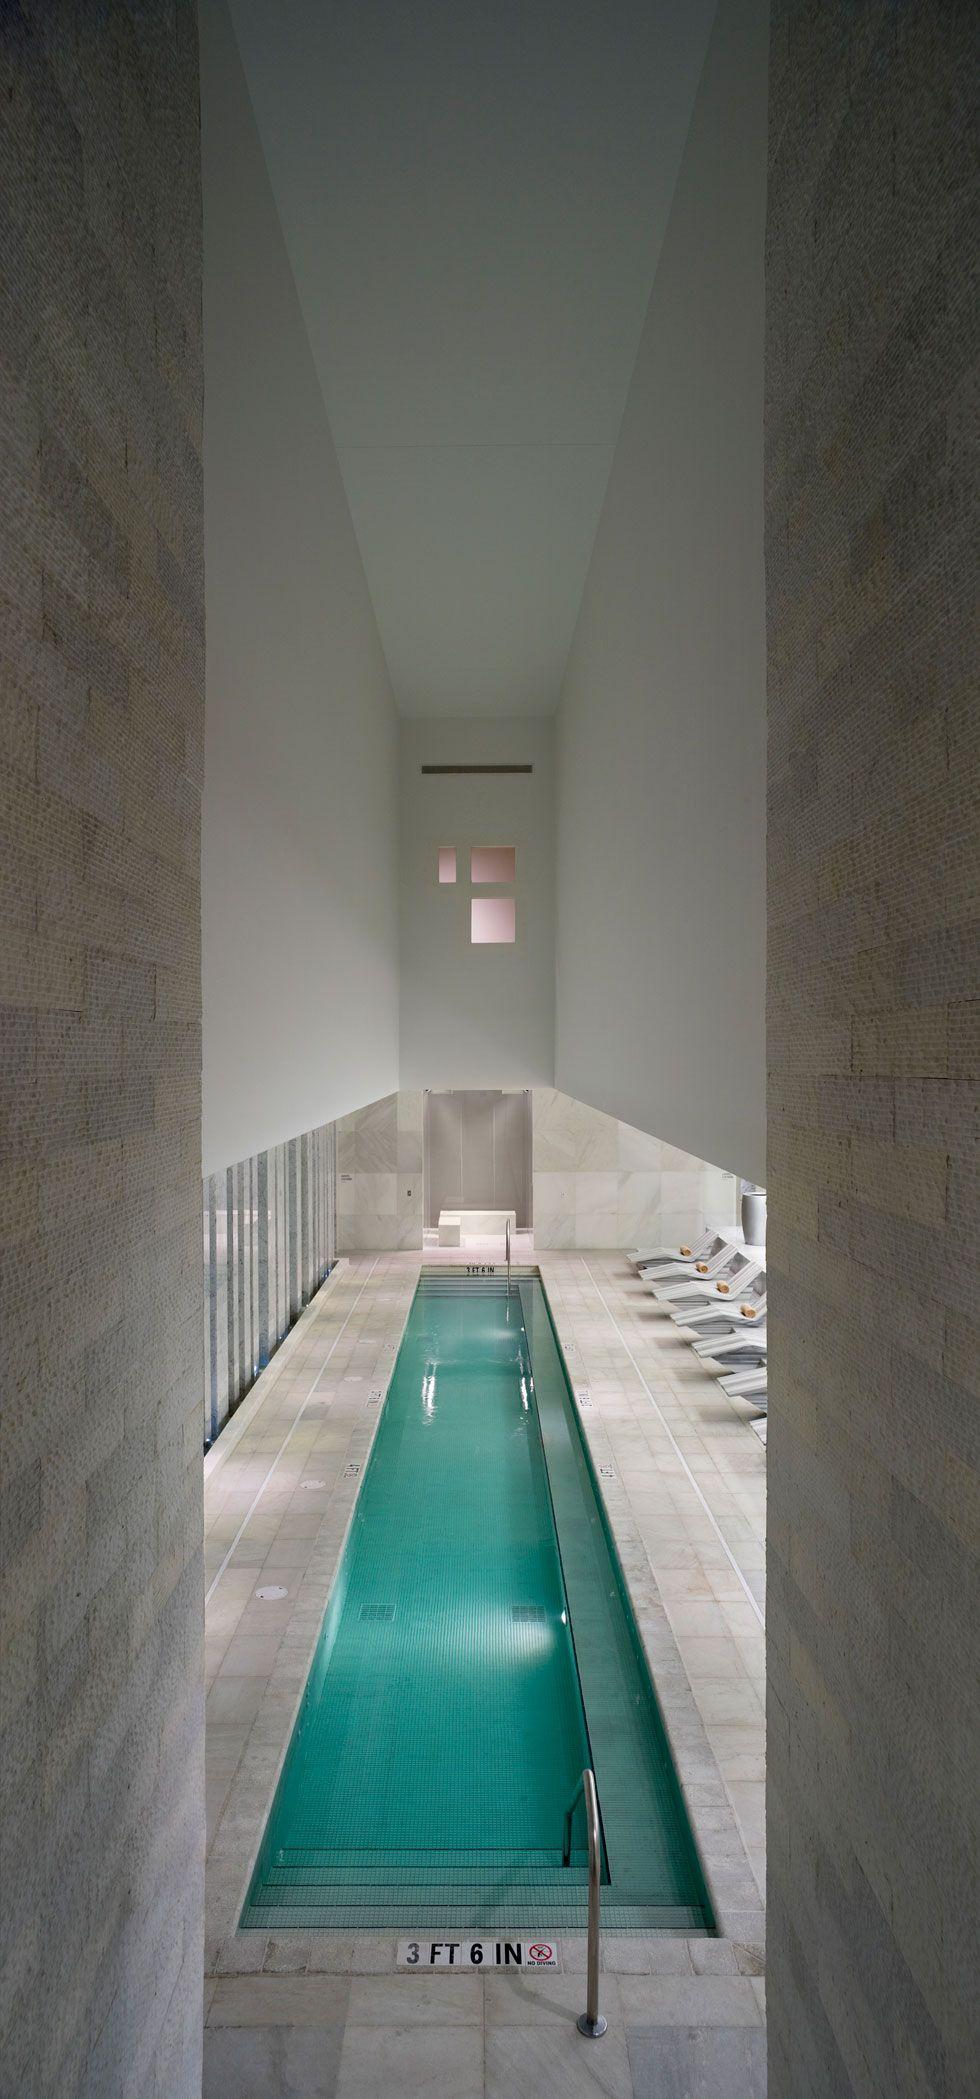 Basen w domu koszty jak zbudowa galeria zdj lap for Design piscine